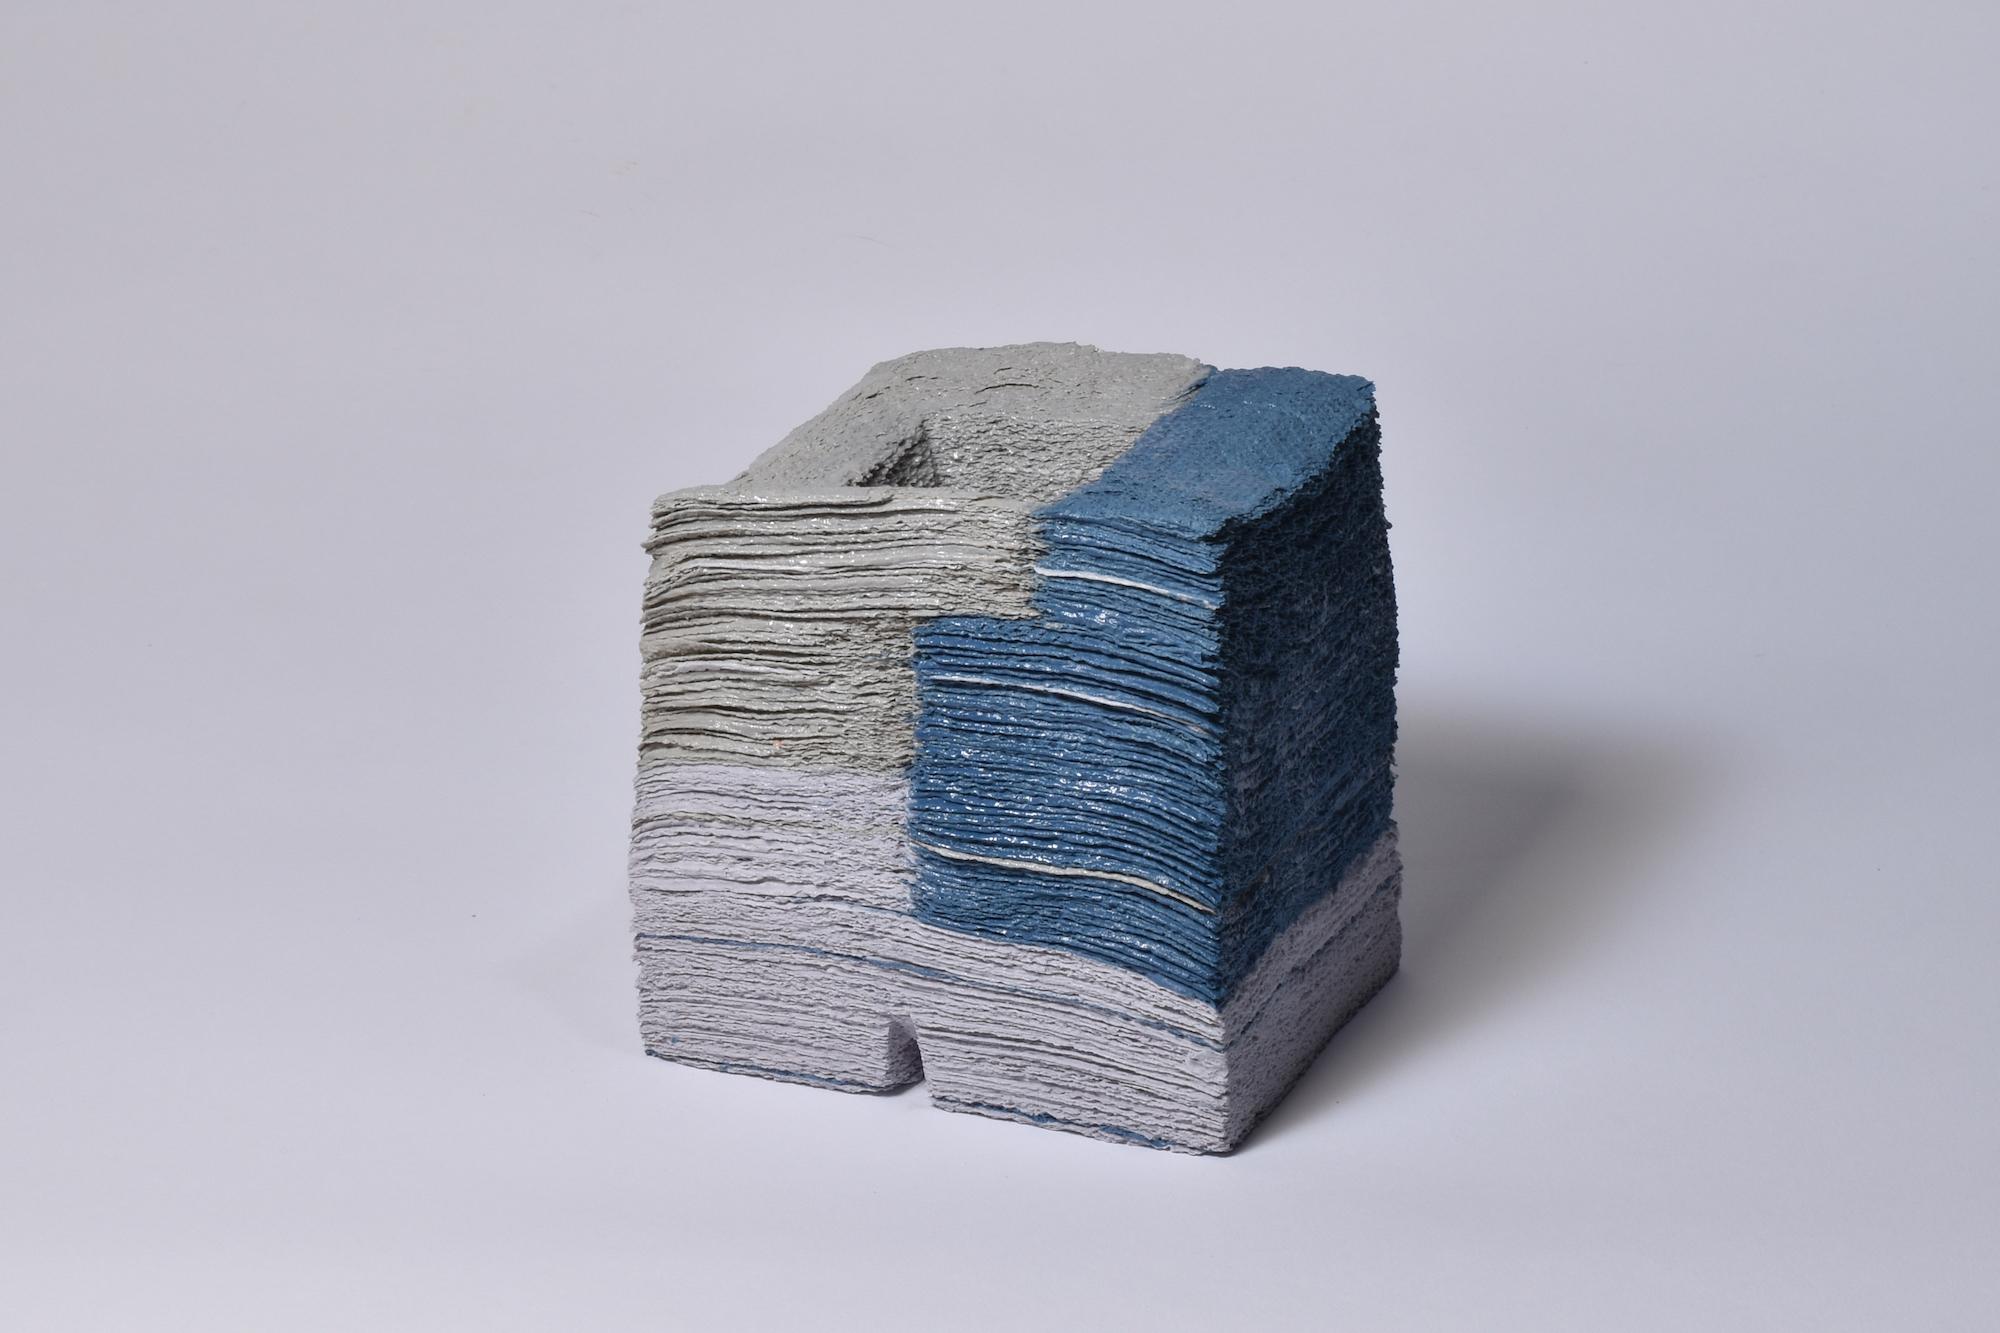 Jongjin Park, Artistic Stratum_L4VB4G4, 700 sheets of tissue paper, porcelain with colour stain Dimensions: 11x12x13cm, 2016